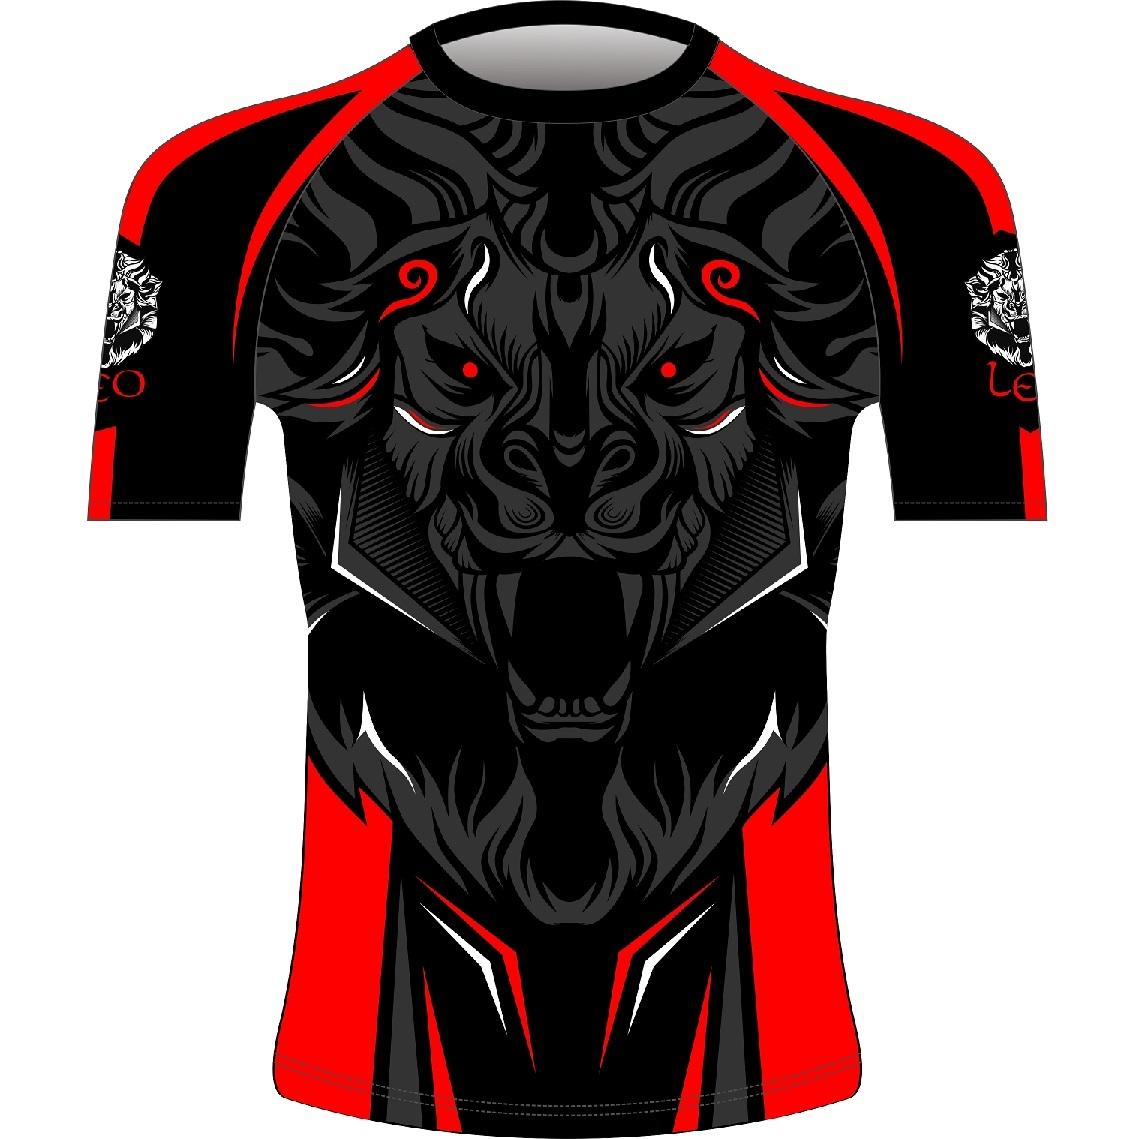 Leo ROAR Rashguard SS - Black/Red